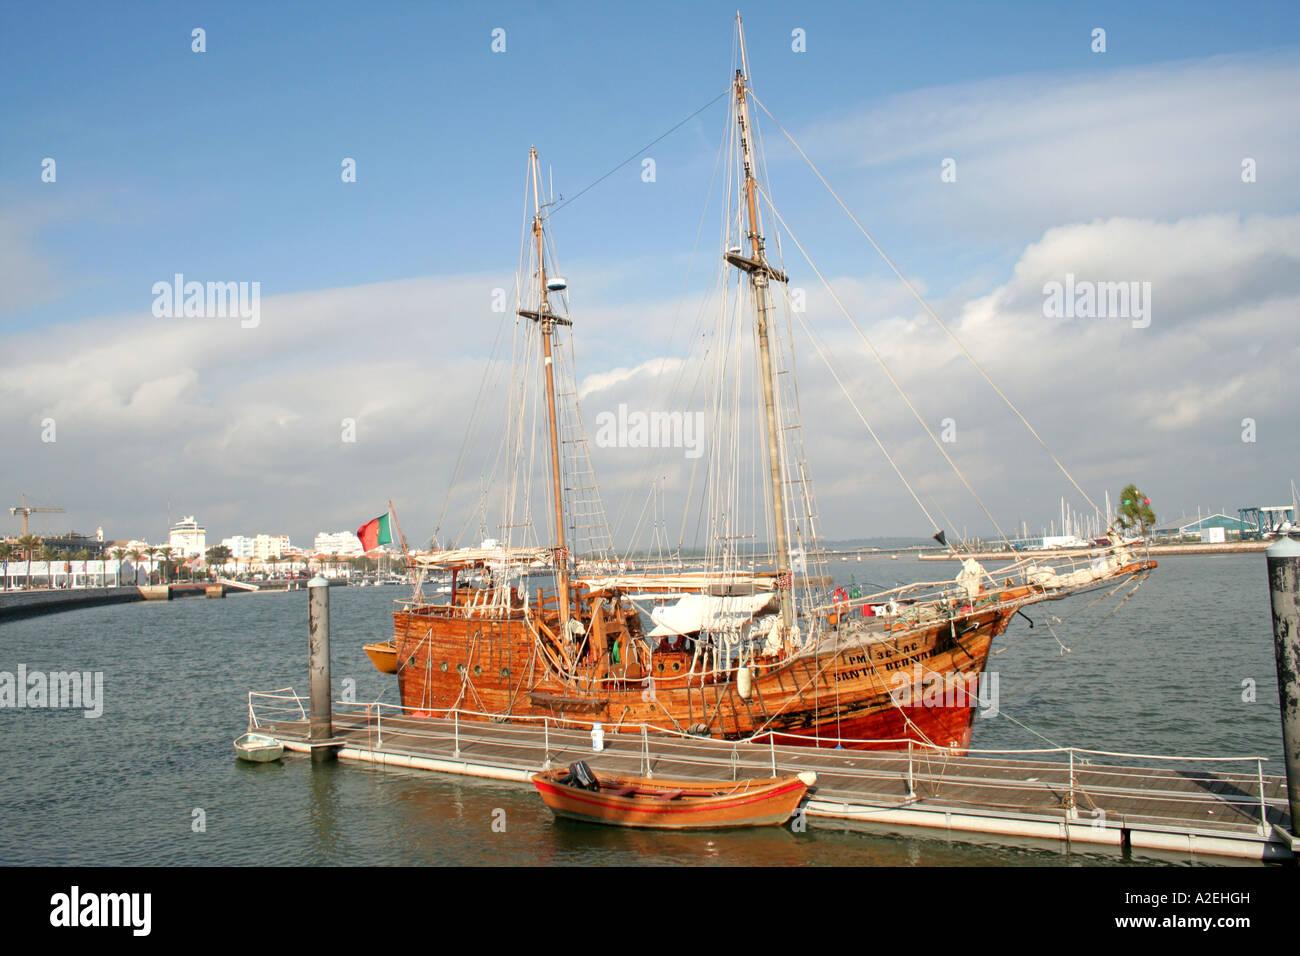 Replica of old historic Sailing Boat Santa Bernarda Caravelo at Portimao Harbour Algarve Portugal - Stock Image